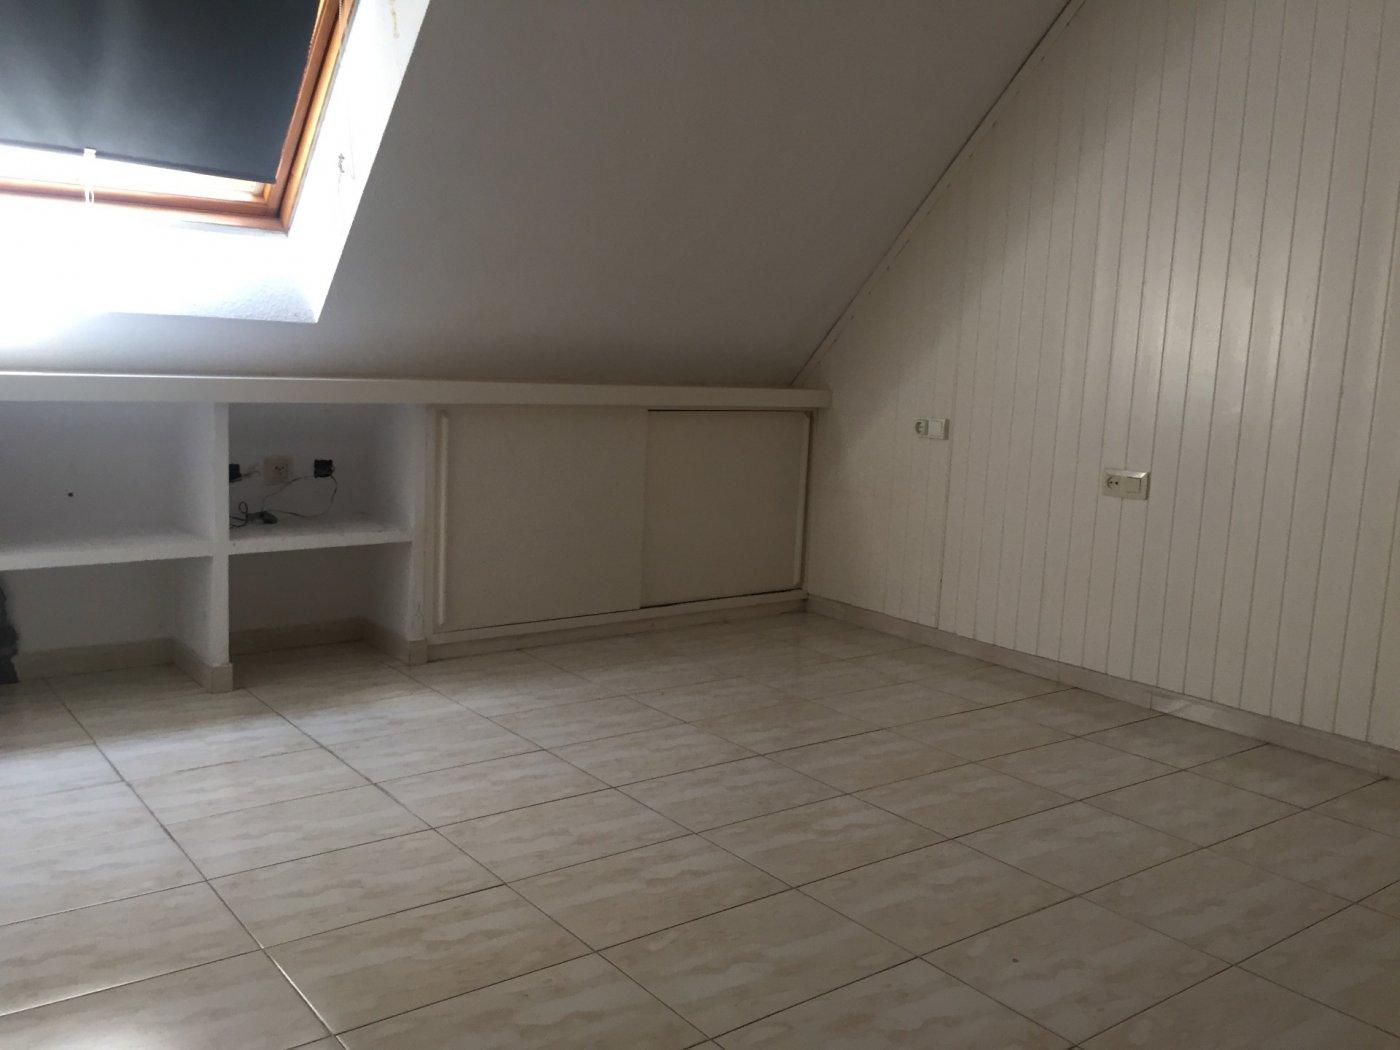 Casa adosado en alfahuir - imagenInmueble18